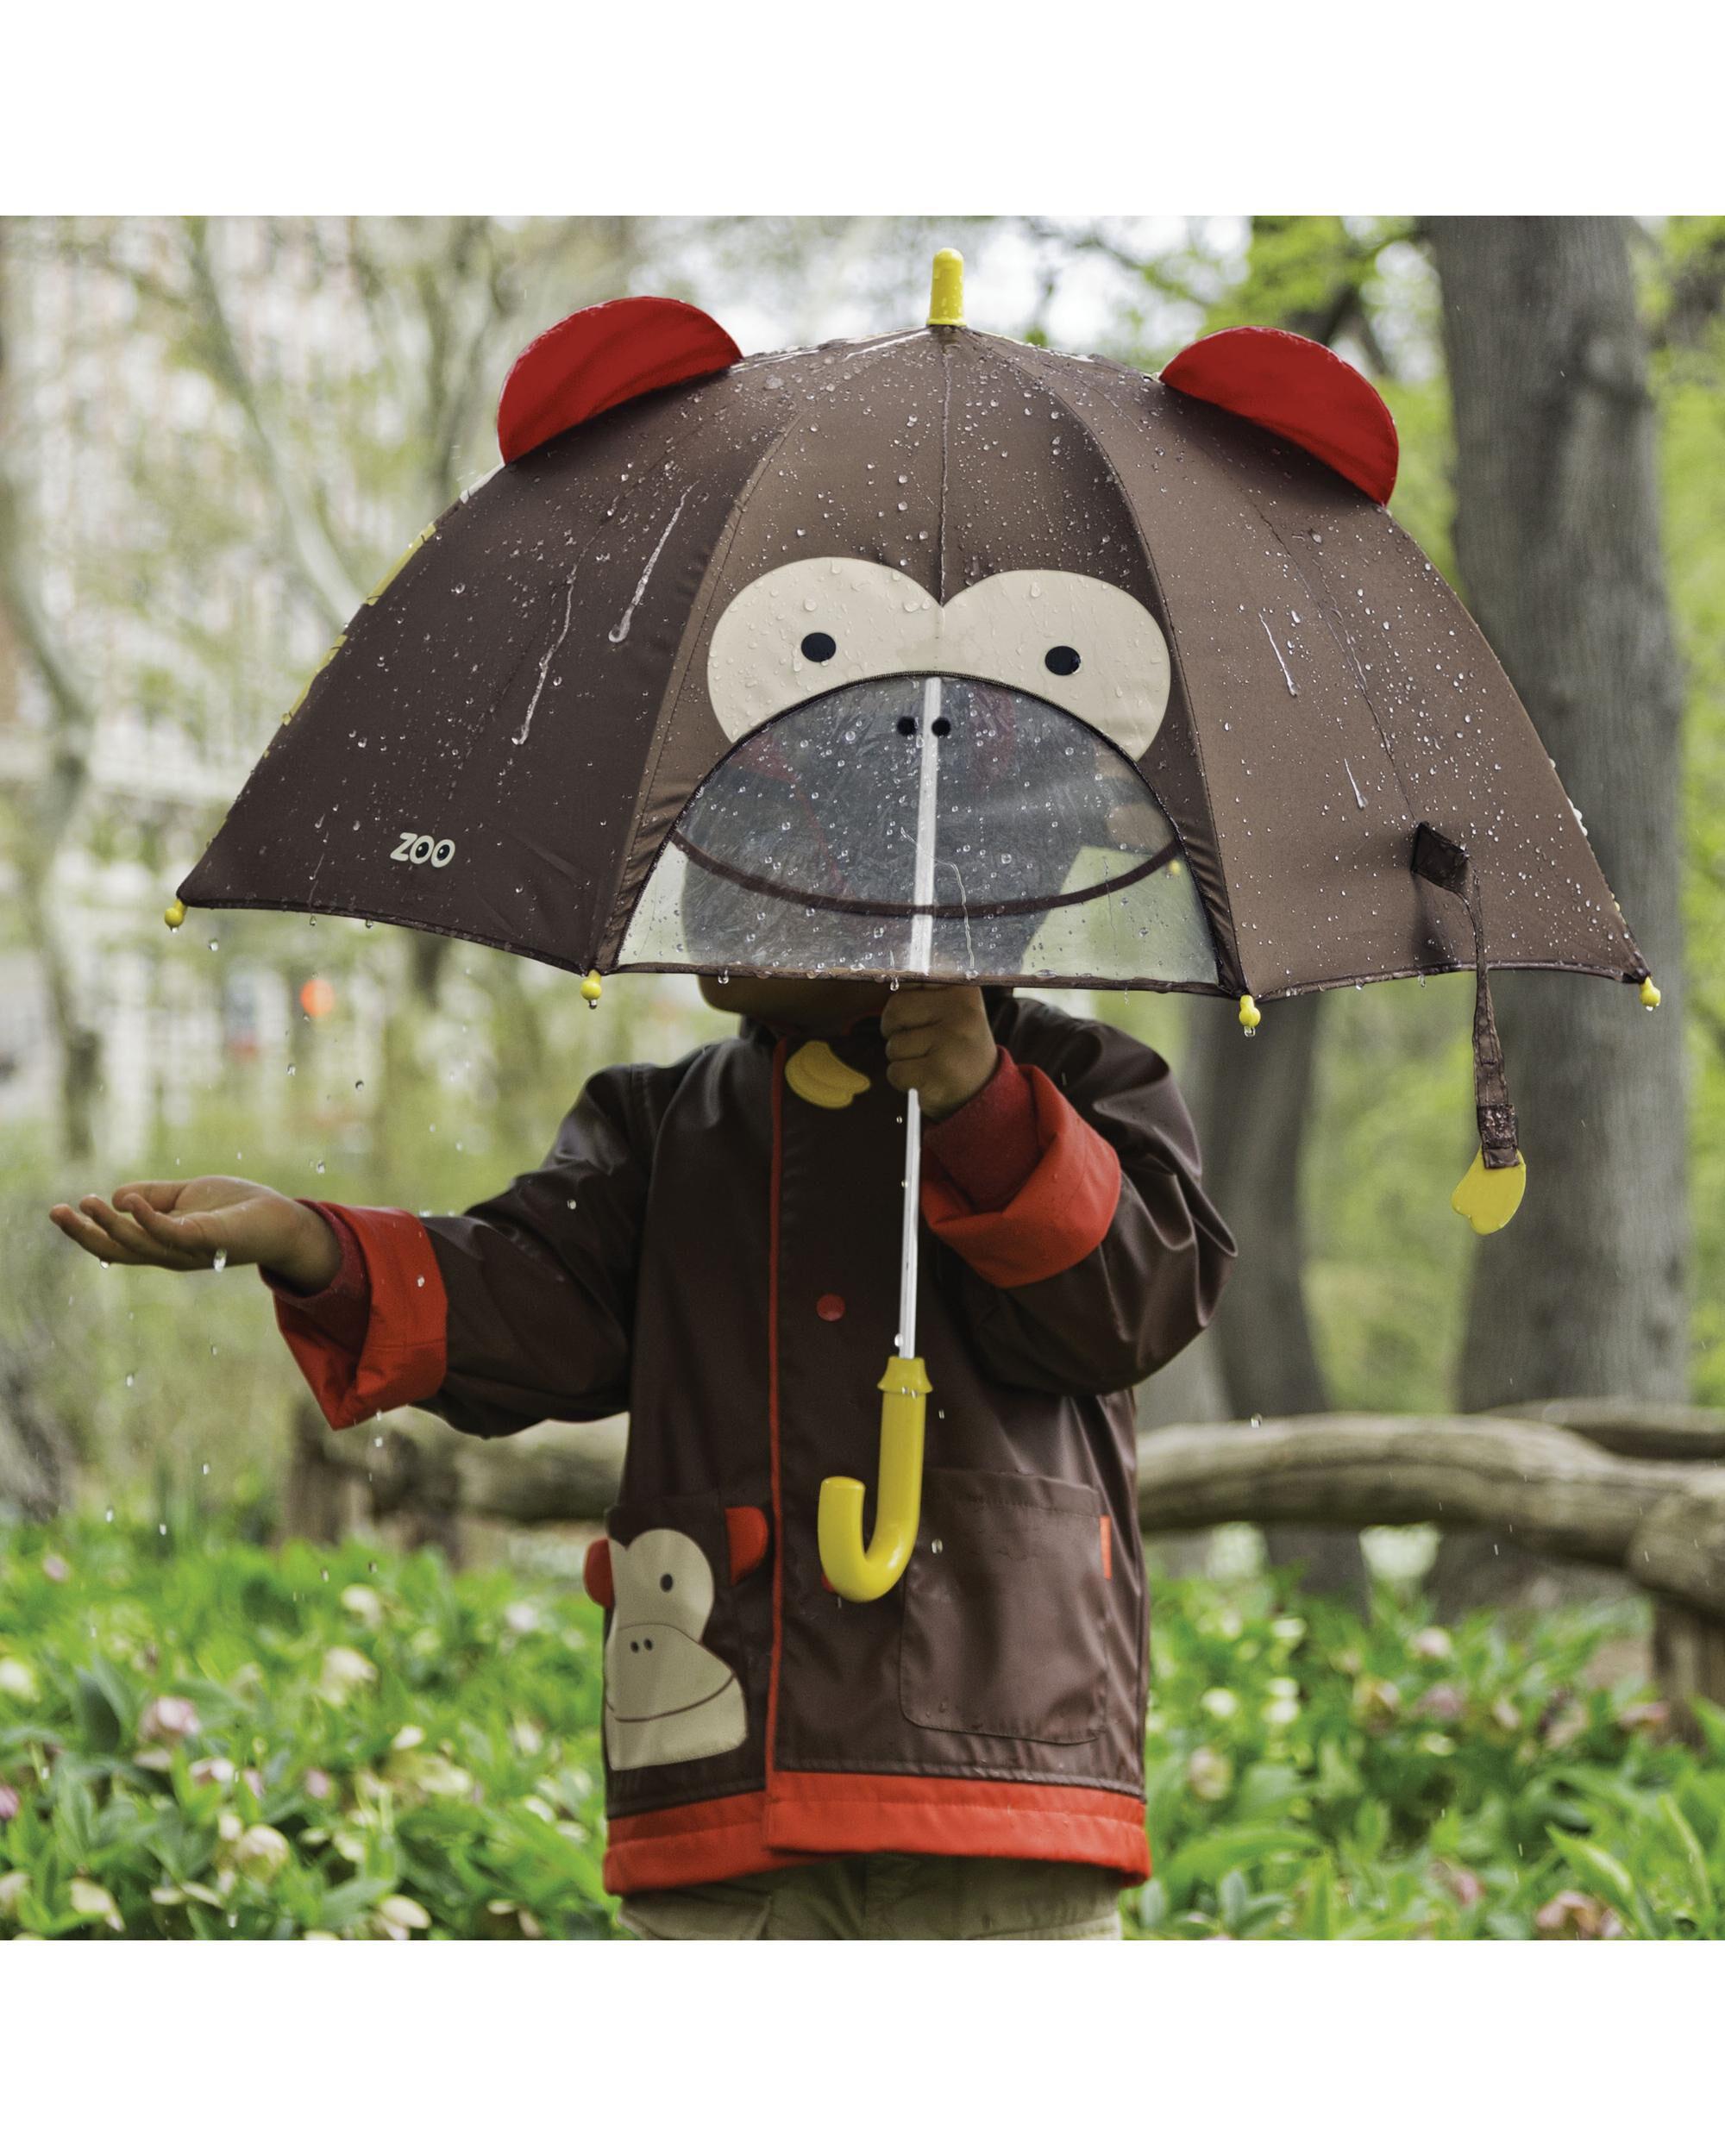 4036acbea6f46 Zoobrella Little Kid Umbrella   Skiphop.com